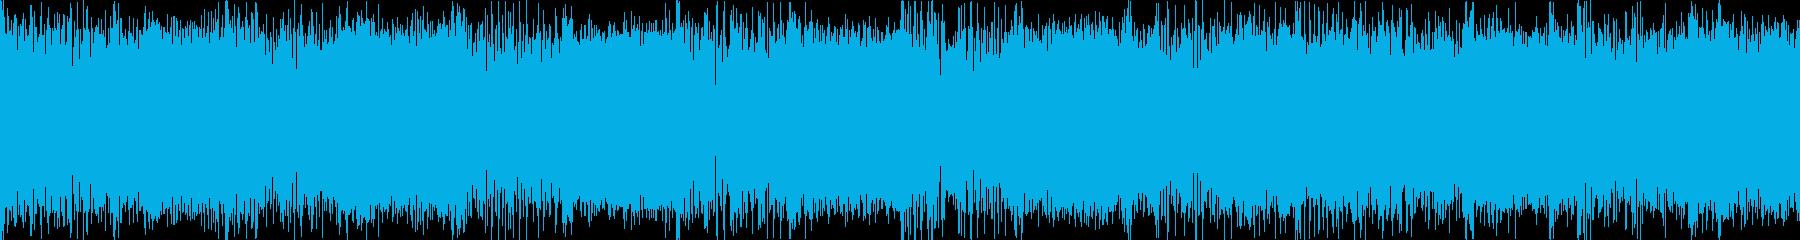 プレイヤーセレクト メタル ループの再生済みの波形